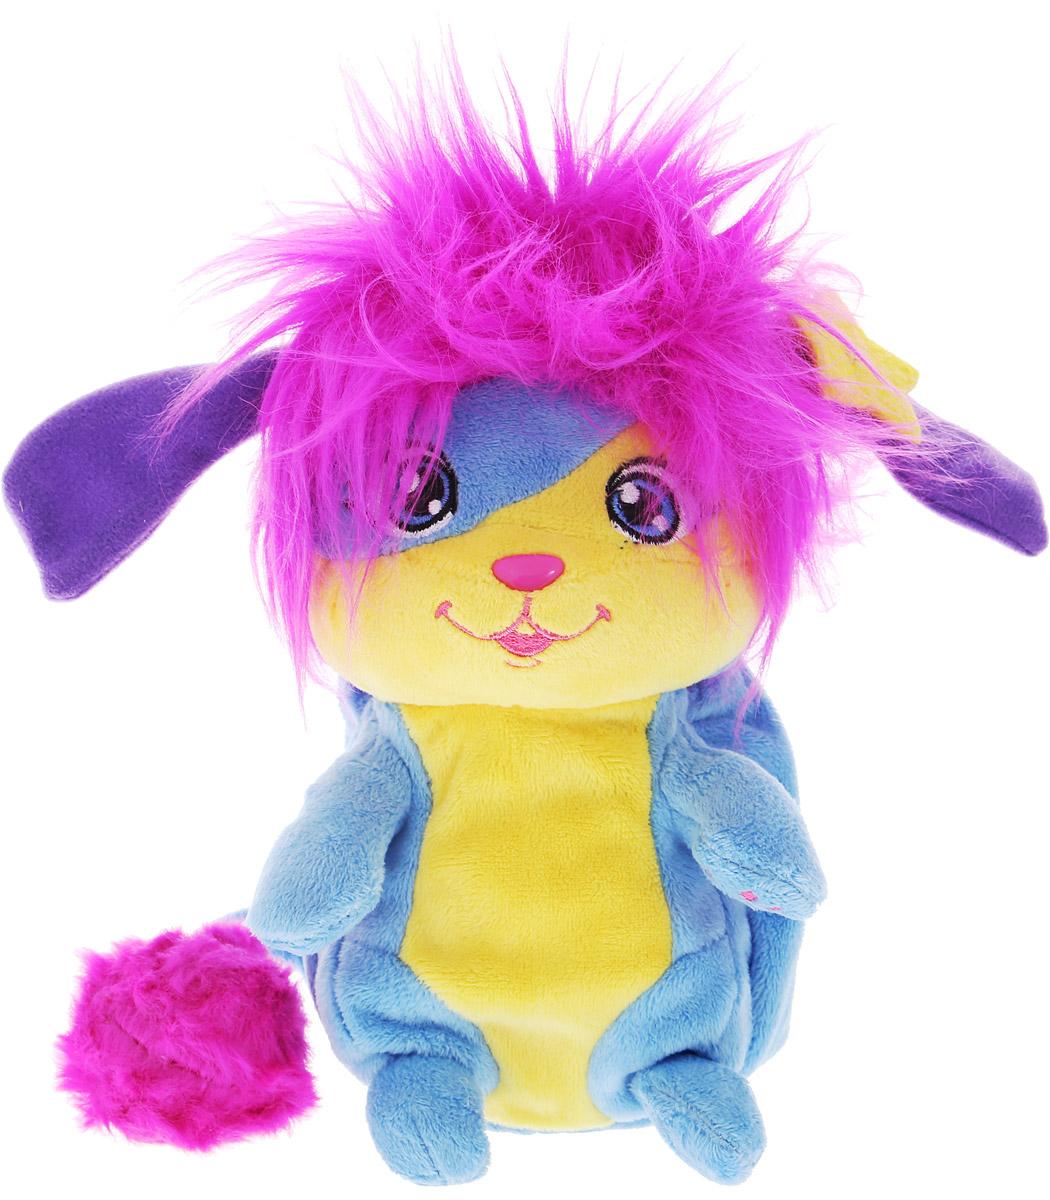 Popples Мягкая игрушка Lulu 20 см56300_фуксия, розовый, звёздыМягкая игрушка Popples Lulu - это замечательный подарок для вашего малыша. Игрушка отличается оригинальным дизайном и качественным исполнением. Она выполнена из безопасных материалов в виде очаровательной зверюшки с длинным хвостиком. Игрушка дополнена сзади специальным карманом, который можно вывернуть. У зверька есть уникальная способность - с помощью этого кармашка он может буквально сворачиваться в клубочек! Очень интересная, яркая и эффектная игрушка. Зверёк станет верным другом для каждого ребенка, подарит множество приятных мгновений и непременно поднимет настроение. Эта милая и забавная игрушка обязательно понравится вашему ребенку.